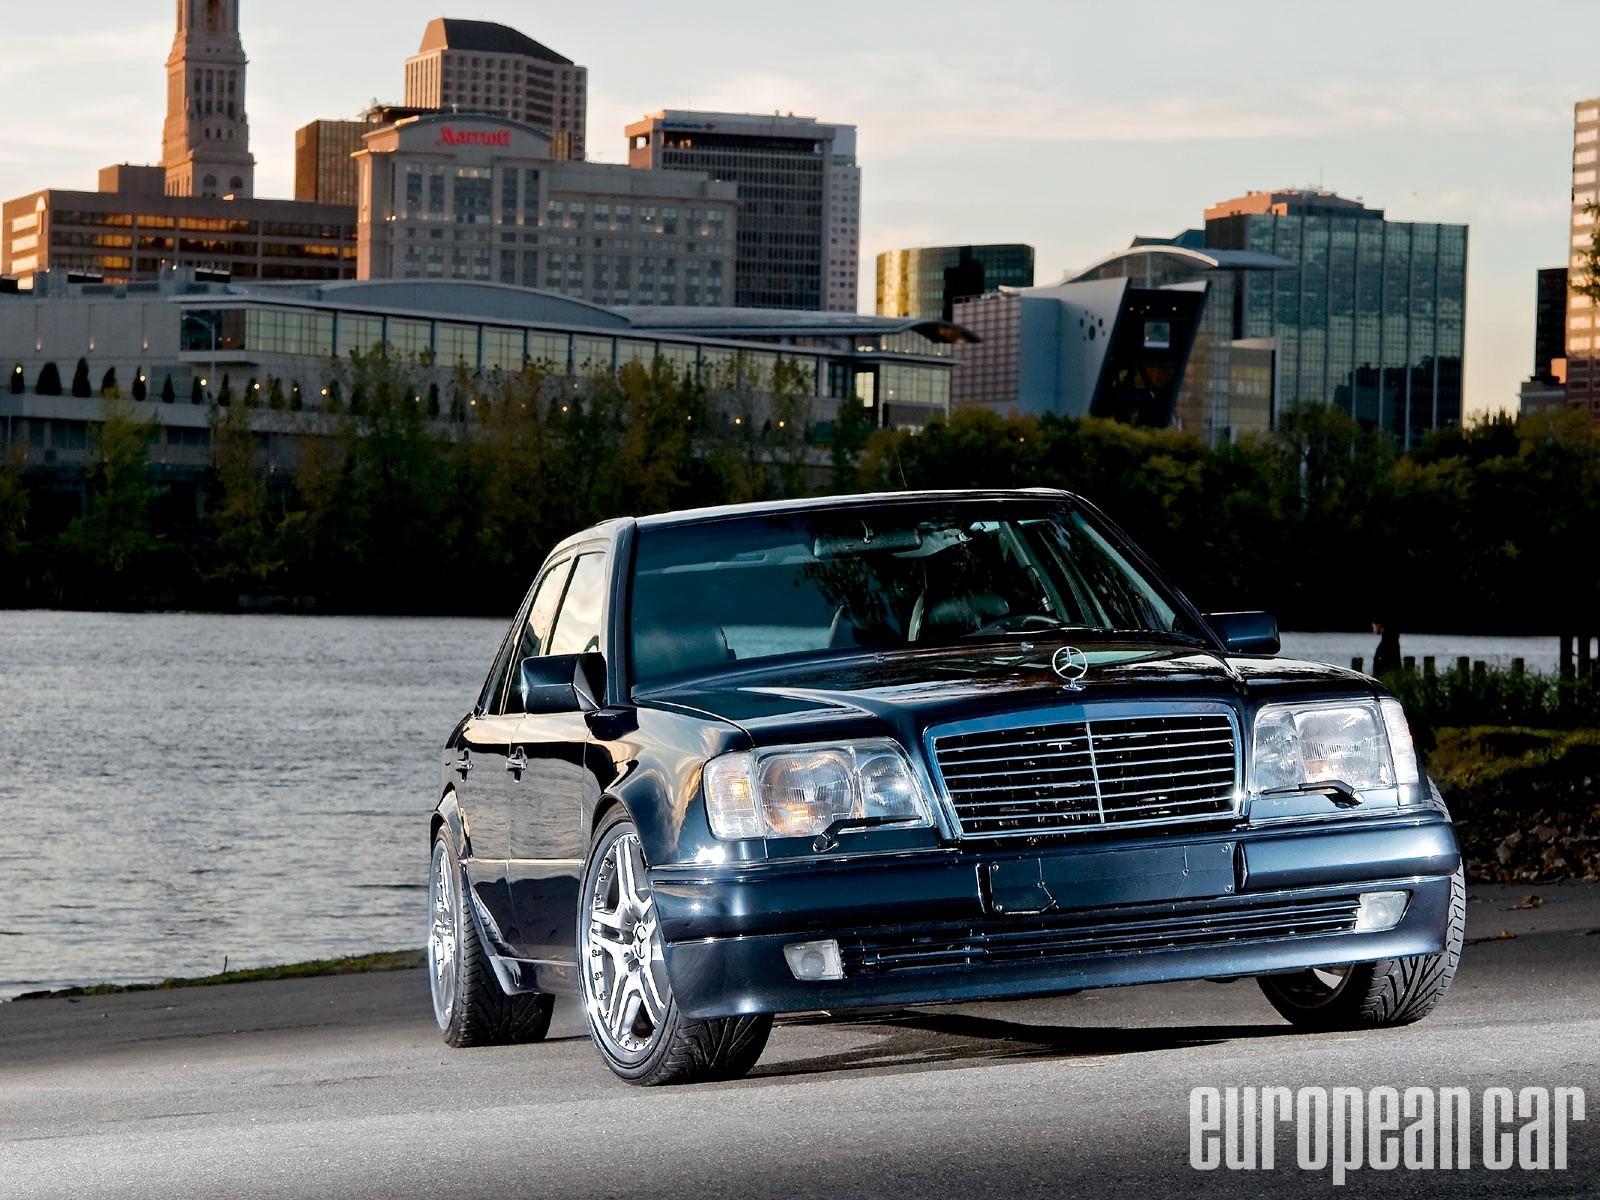 Mercedes Benz W124 Wallpaper HD Download